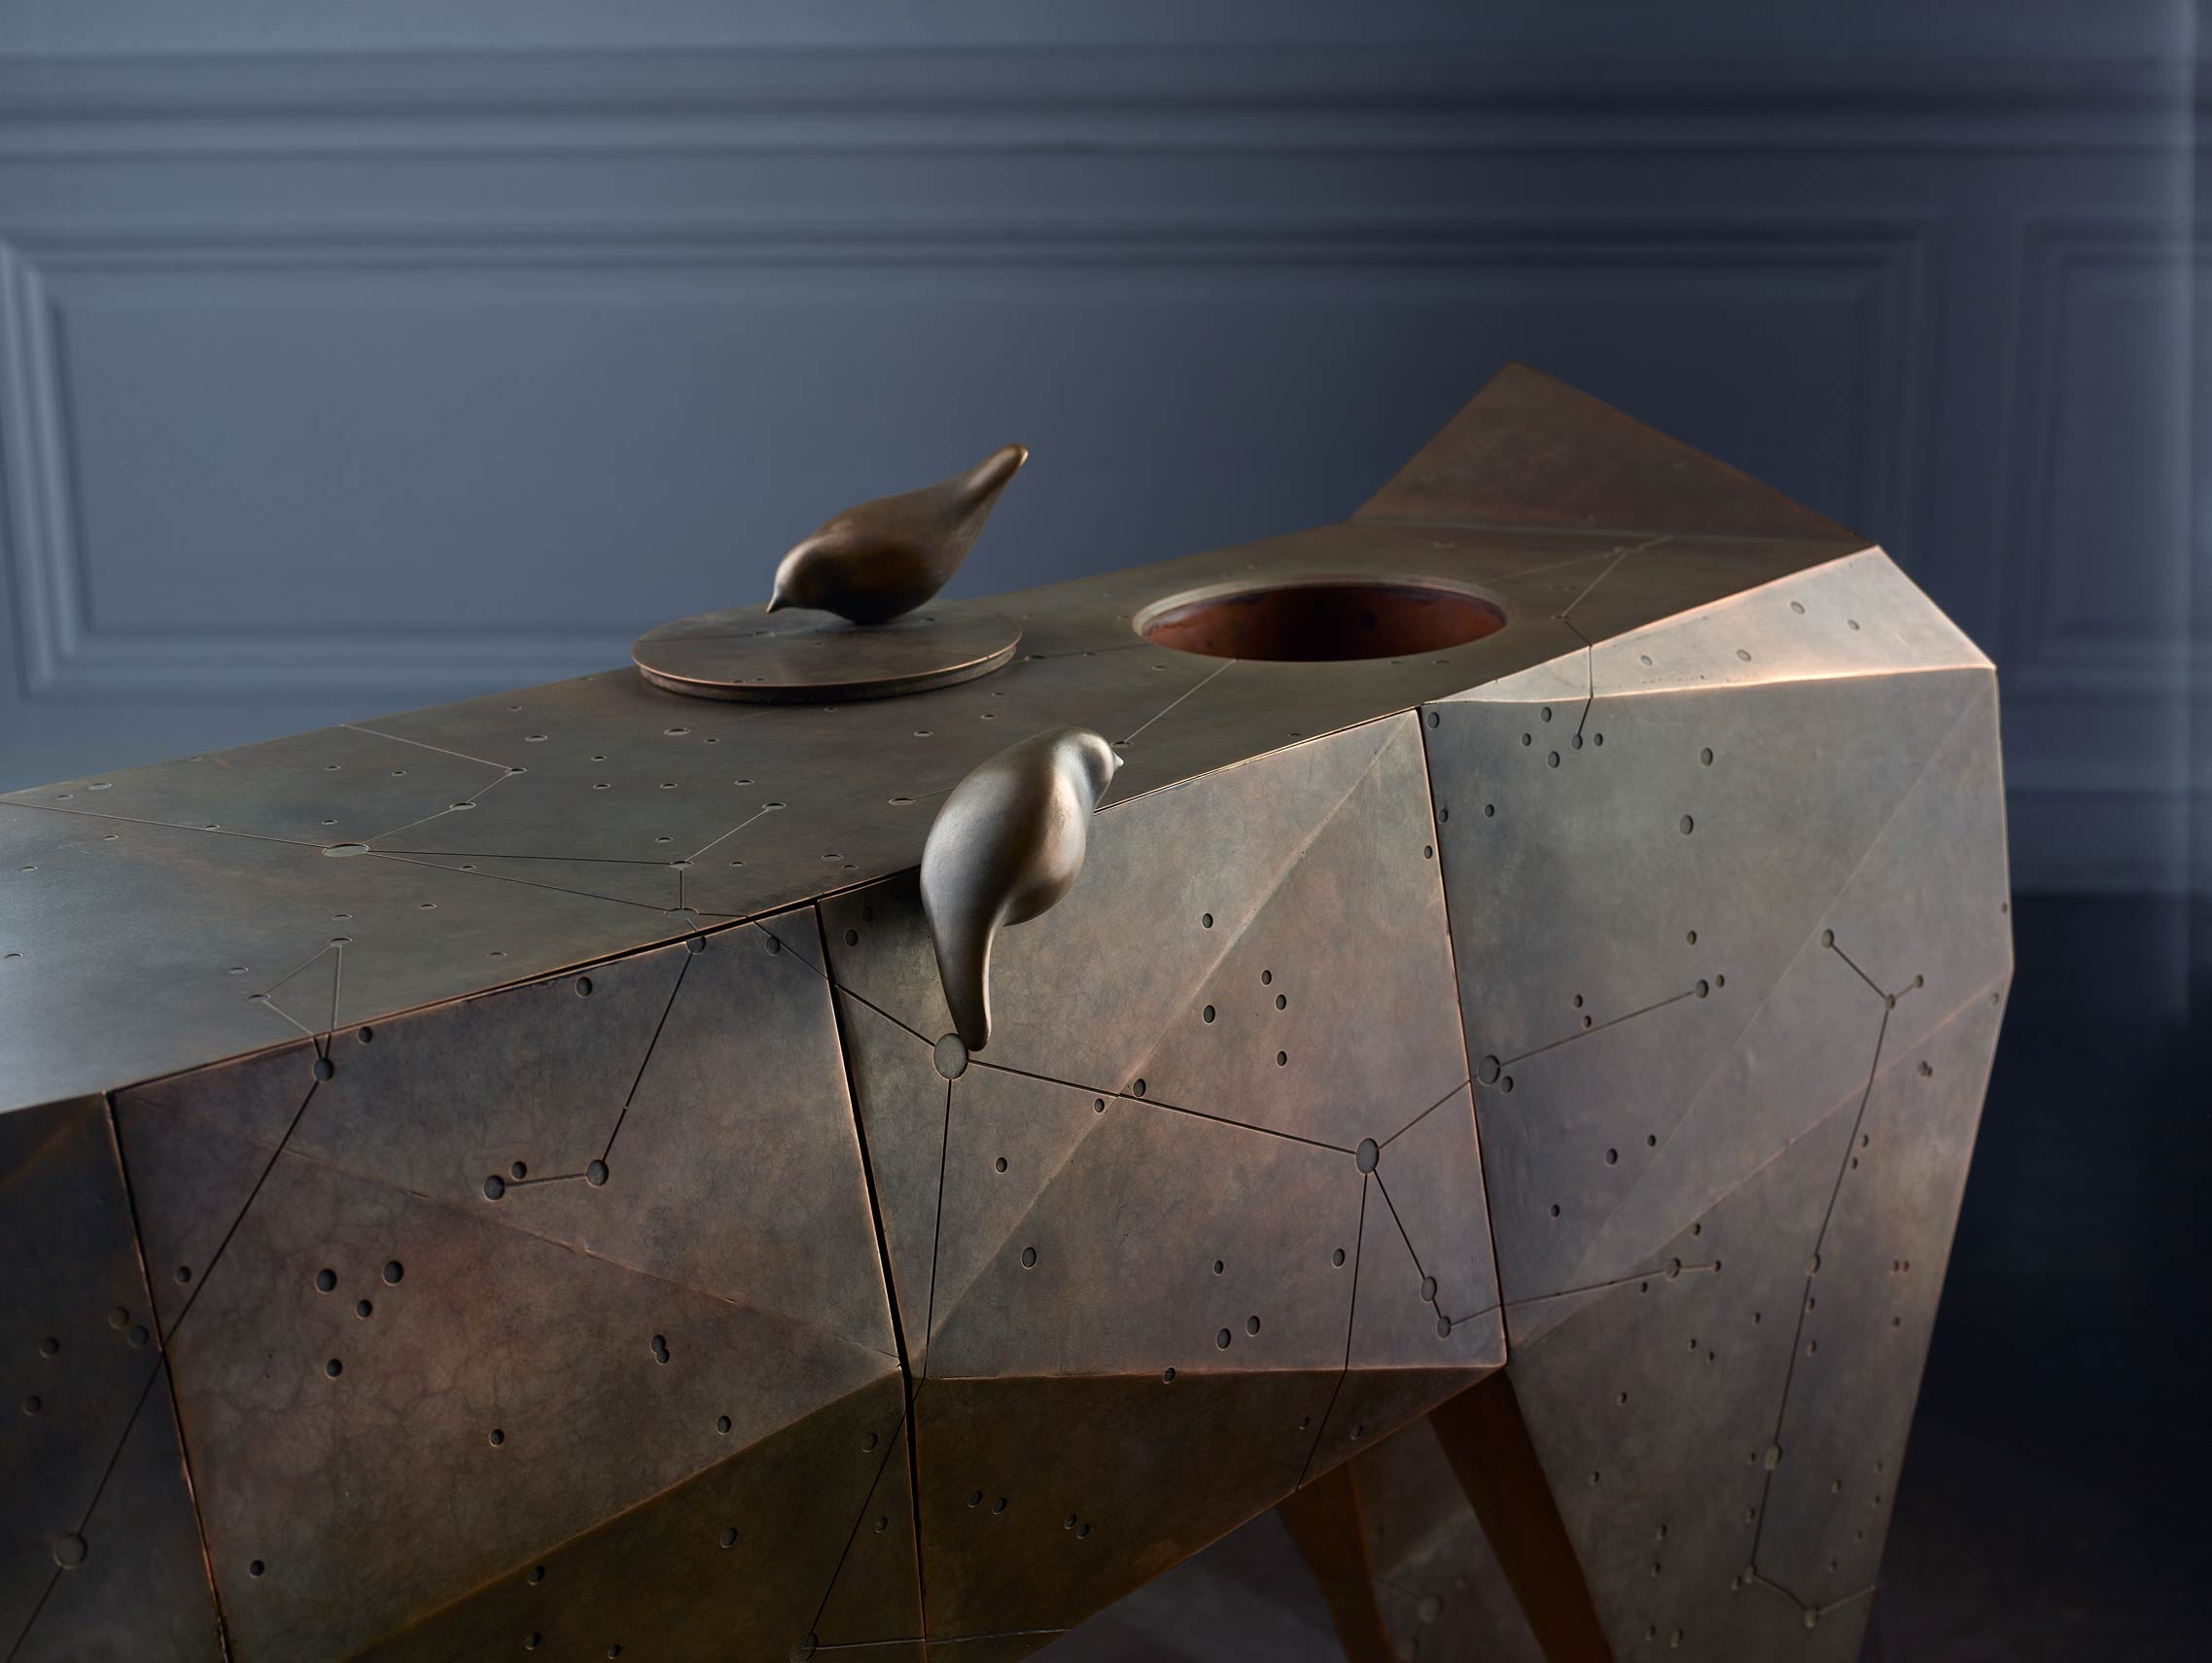 CERNUNNOS, CONSOLA CIERVO, del diseñador Santos Bregaña para la firma NUMENA. Fabricado en Alfa Arte